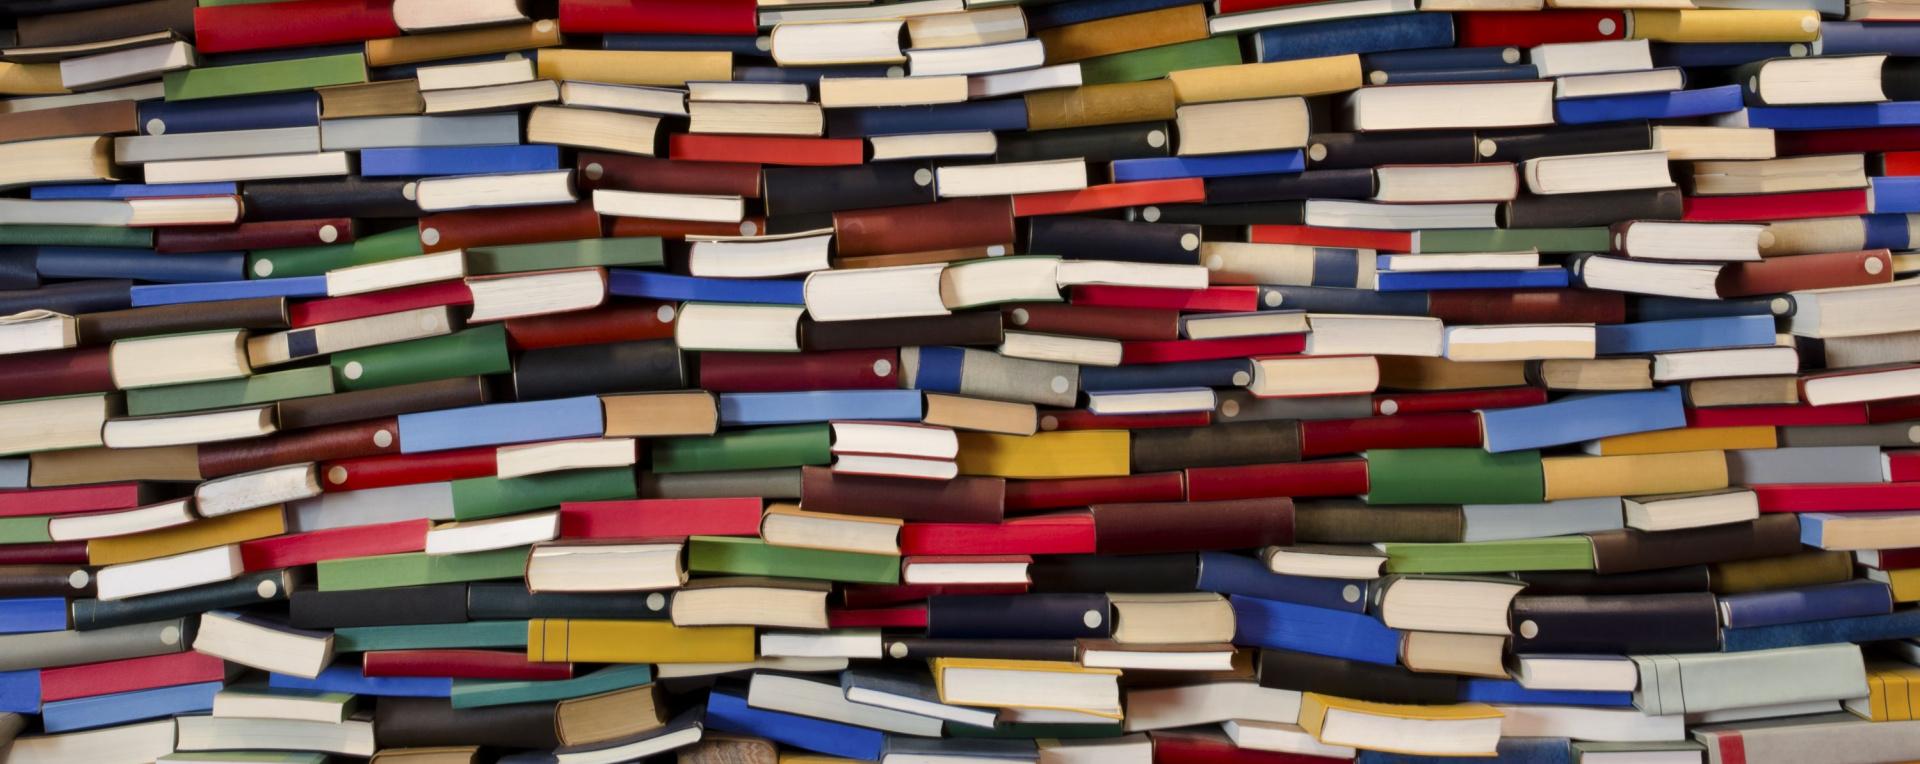 muur van boeken.jpg